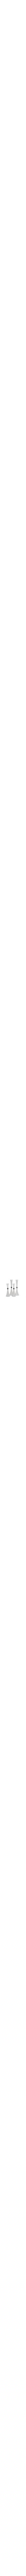 Candlesticks Eilat Stones